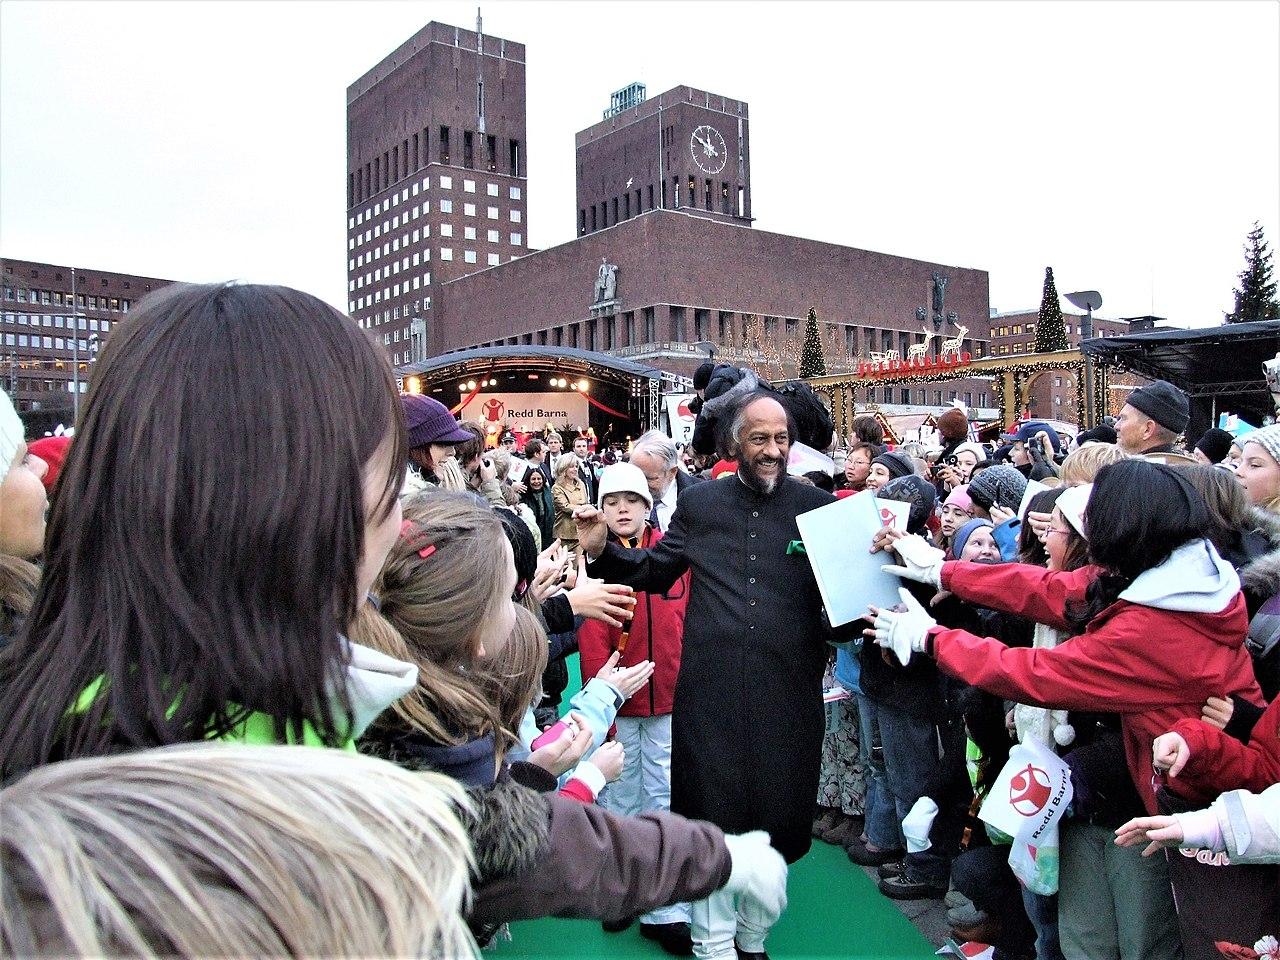 Rajendra K. Pachauri voor het stadhuis in Oslo op de dag dat hij de Nobelprijs voor de Vrede ontvangt namens IPCC in 2007